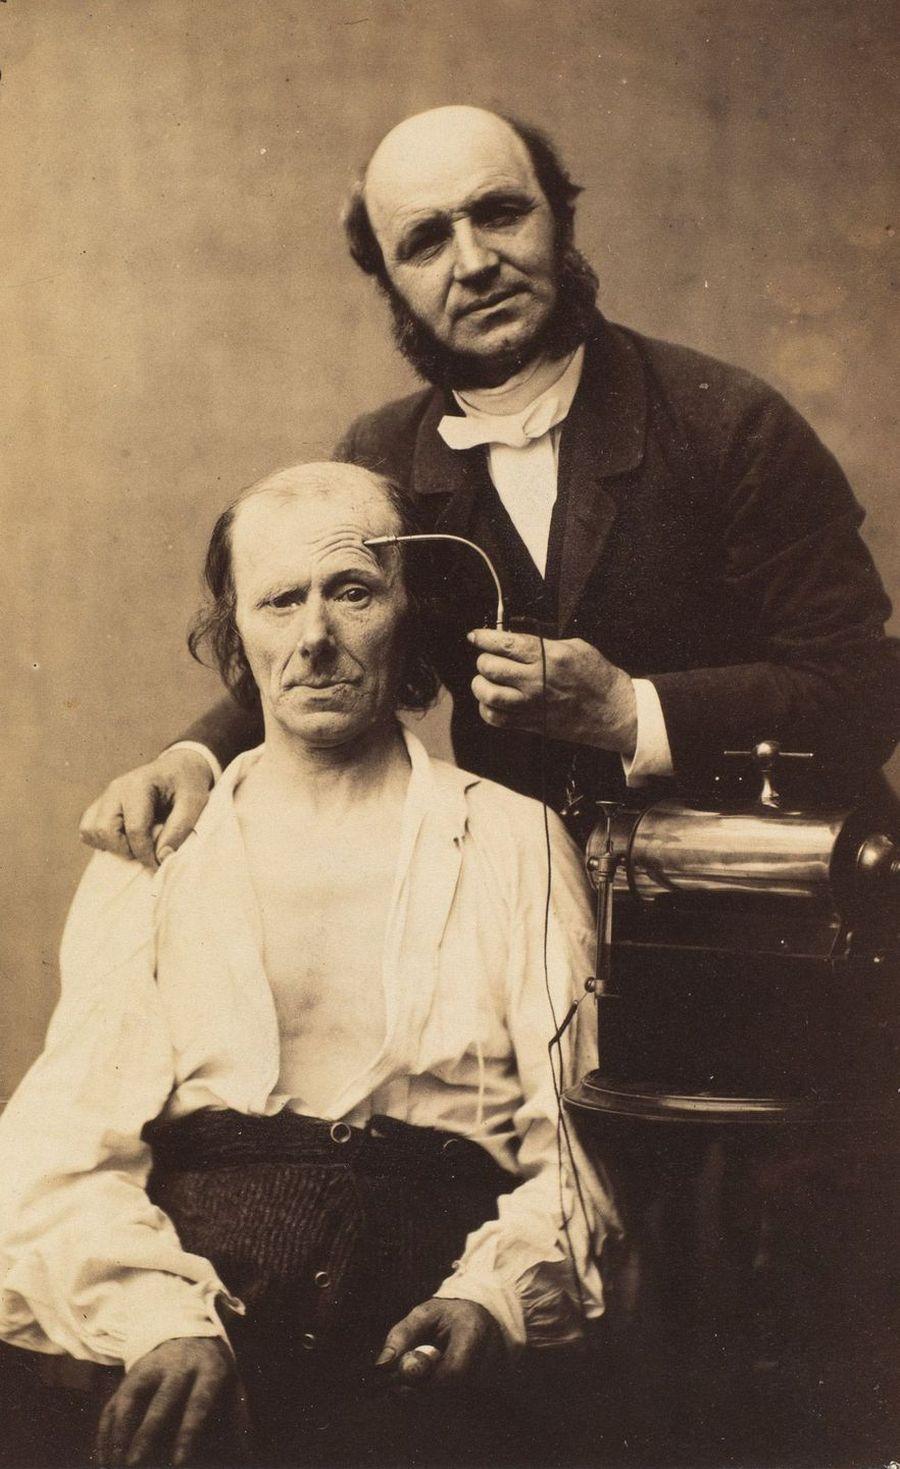 Наука, ты меня пугаешь: как невропатолог Дюшен де Булонь изучал эмоции и мышцы лица в 1862 году (17 фото)